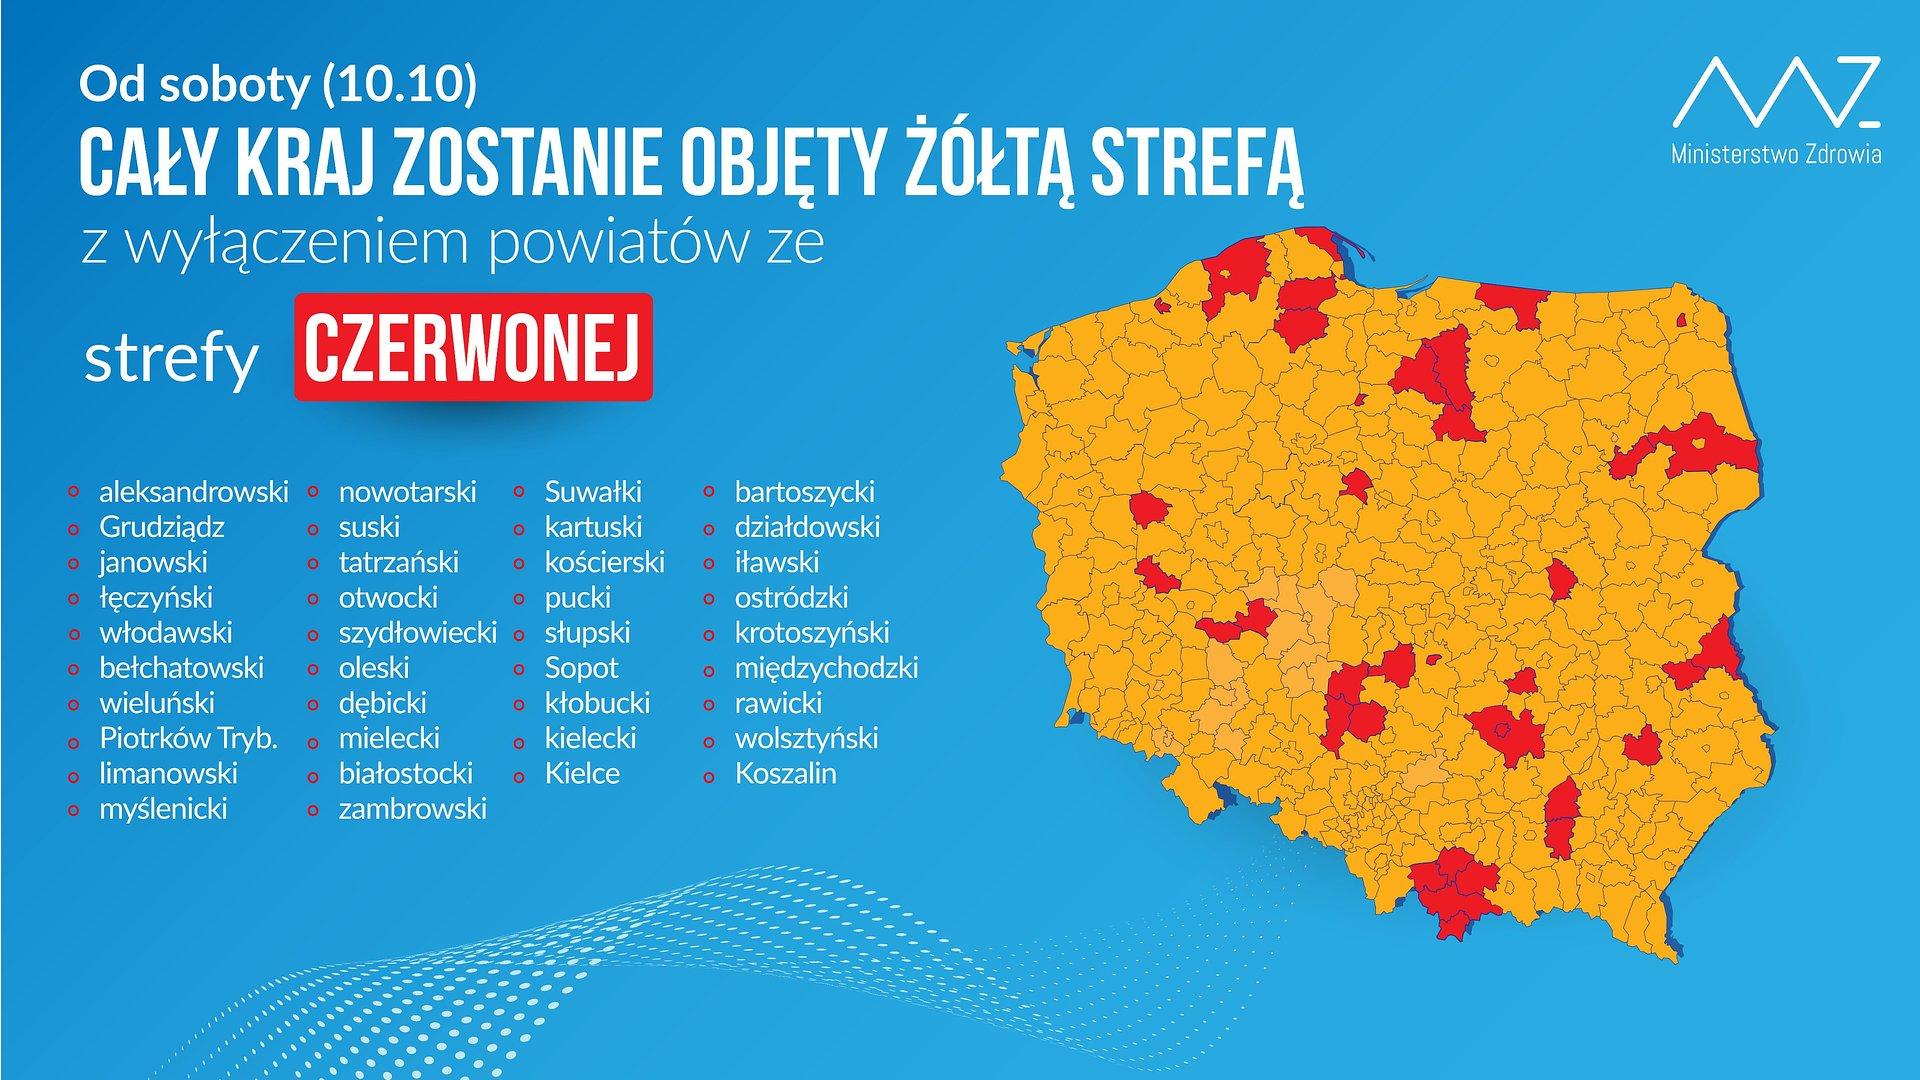 Polska żółta w czerwone kropki. Zaostrzenie zasad przeciwepidemicznych